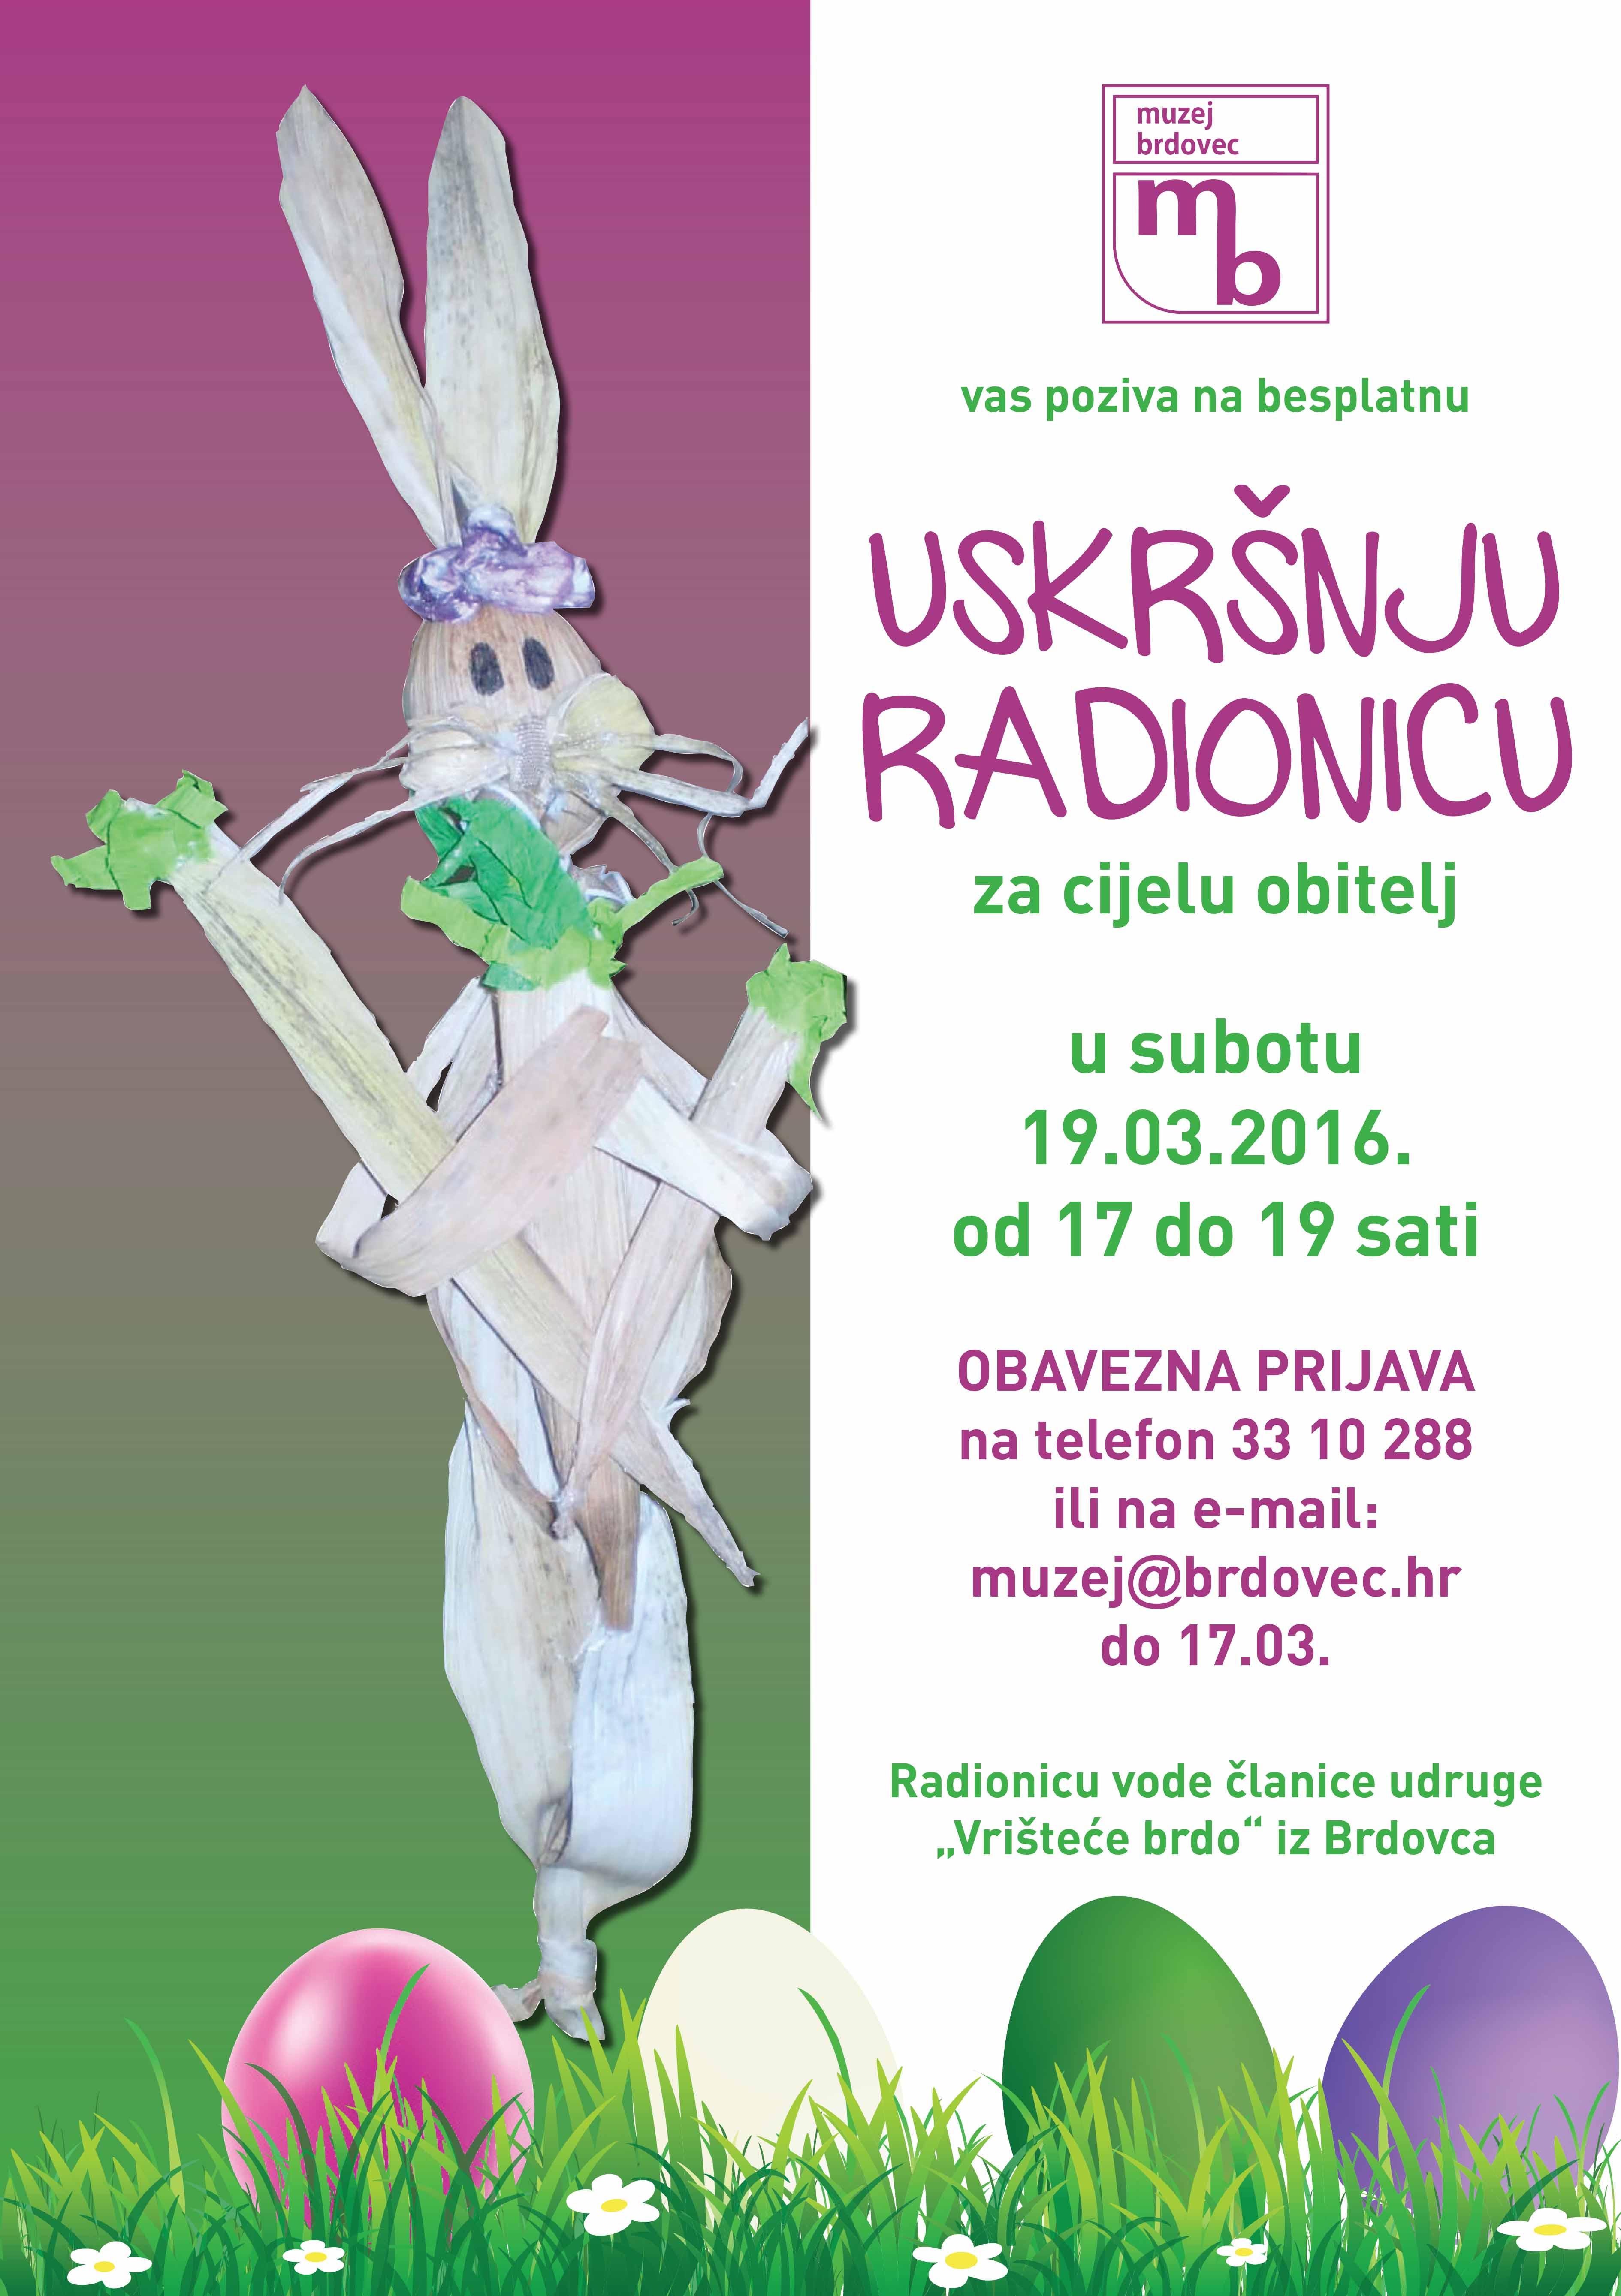 Uskršnja radionica u Muzeju Brdovec  19. ožujka